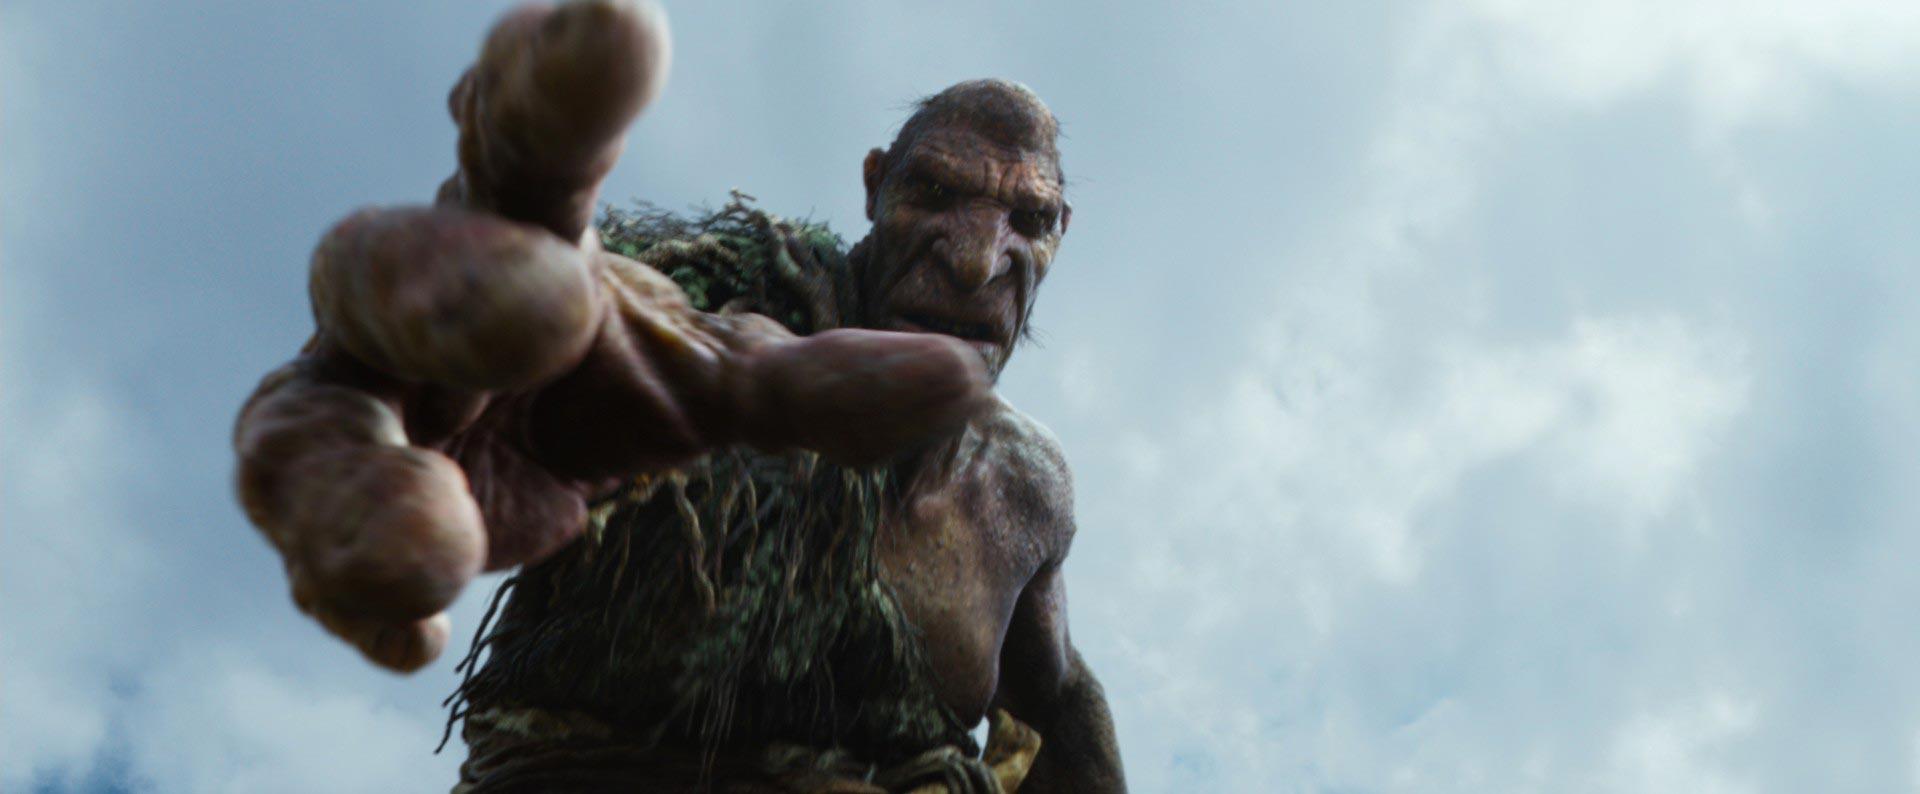 Jack el caza gigantes (Jack the Giant Slayer) (2013) Jack-the-Giant-Slayer_06